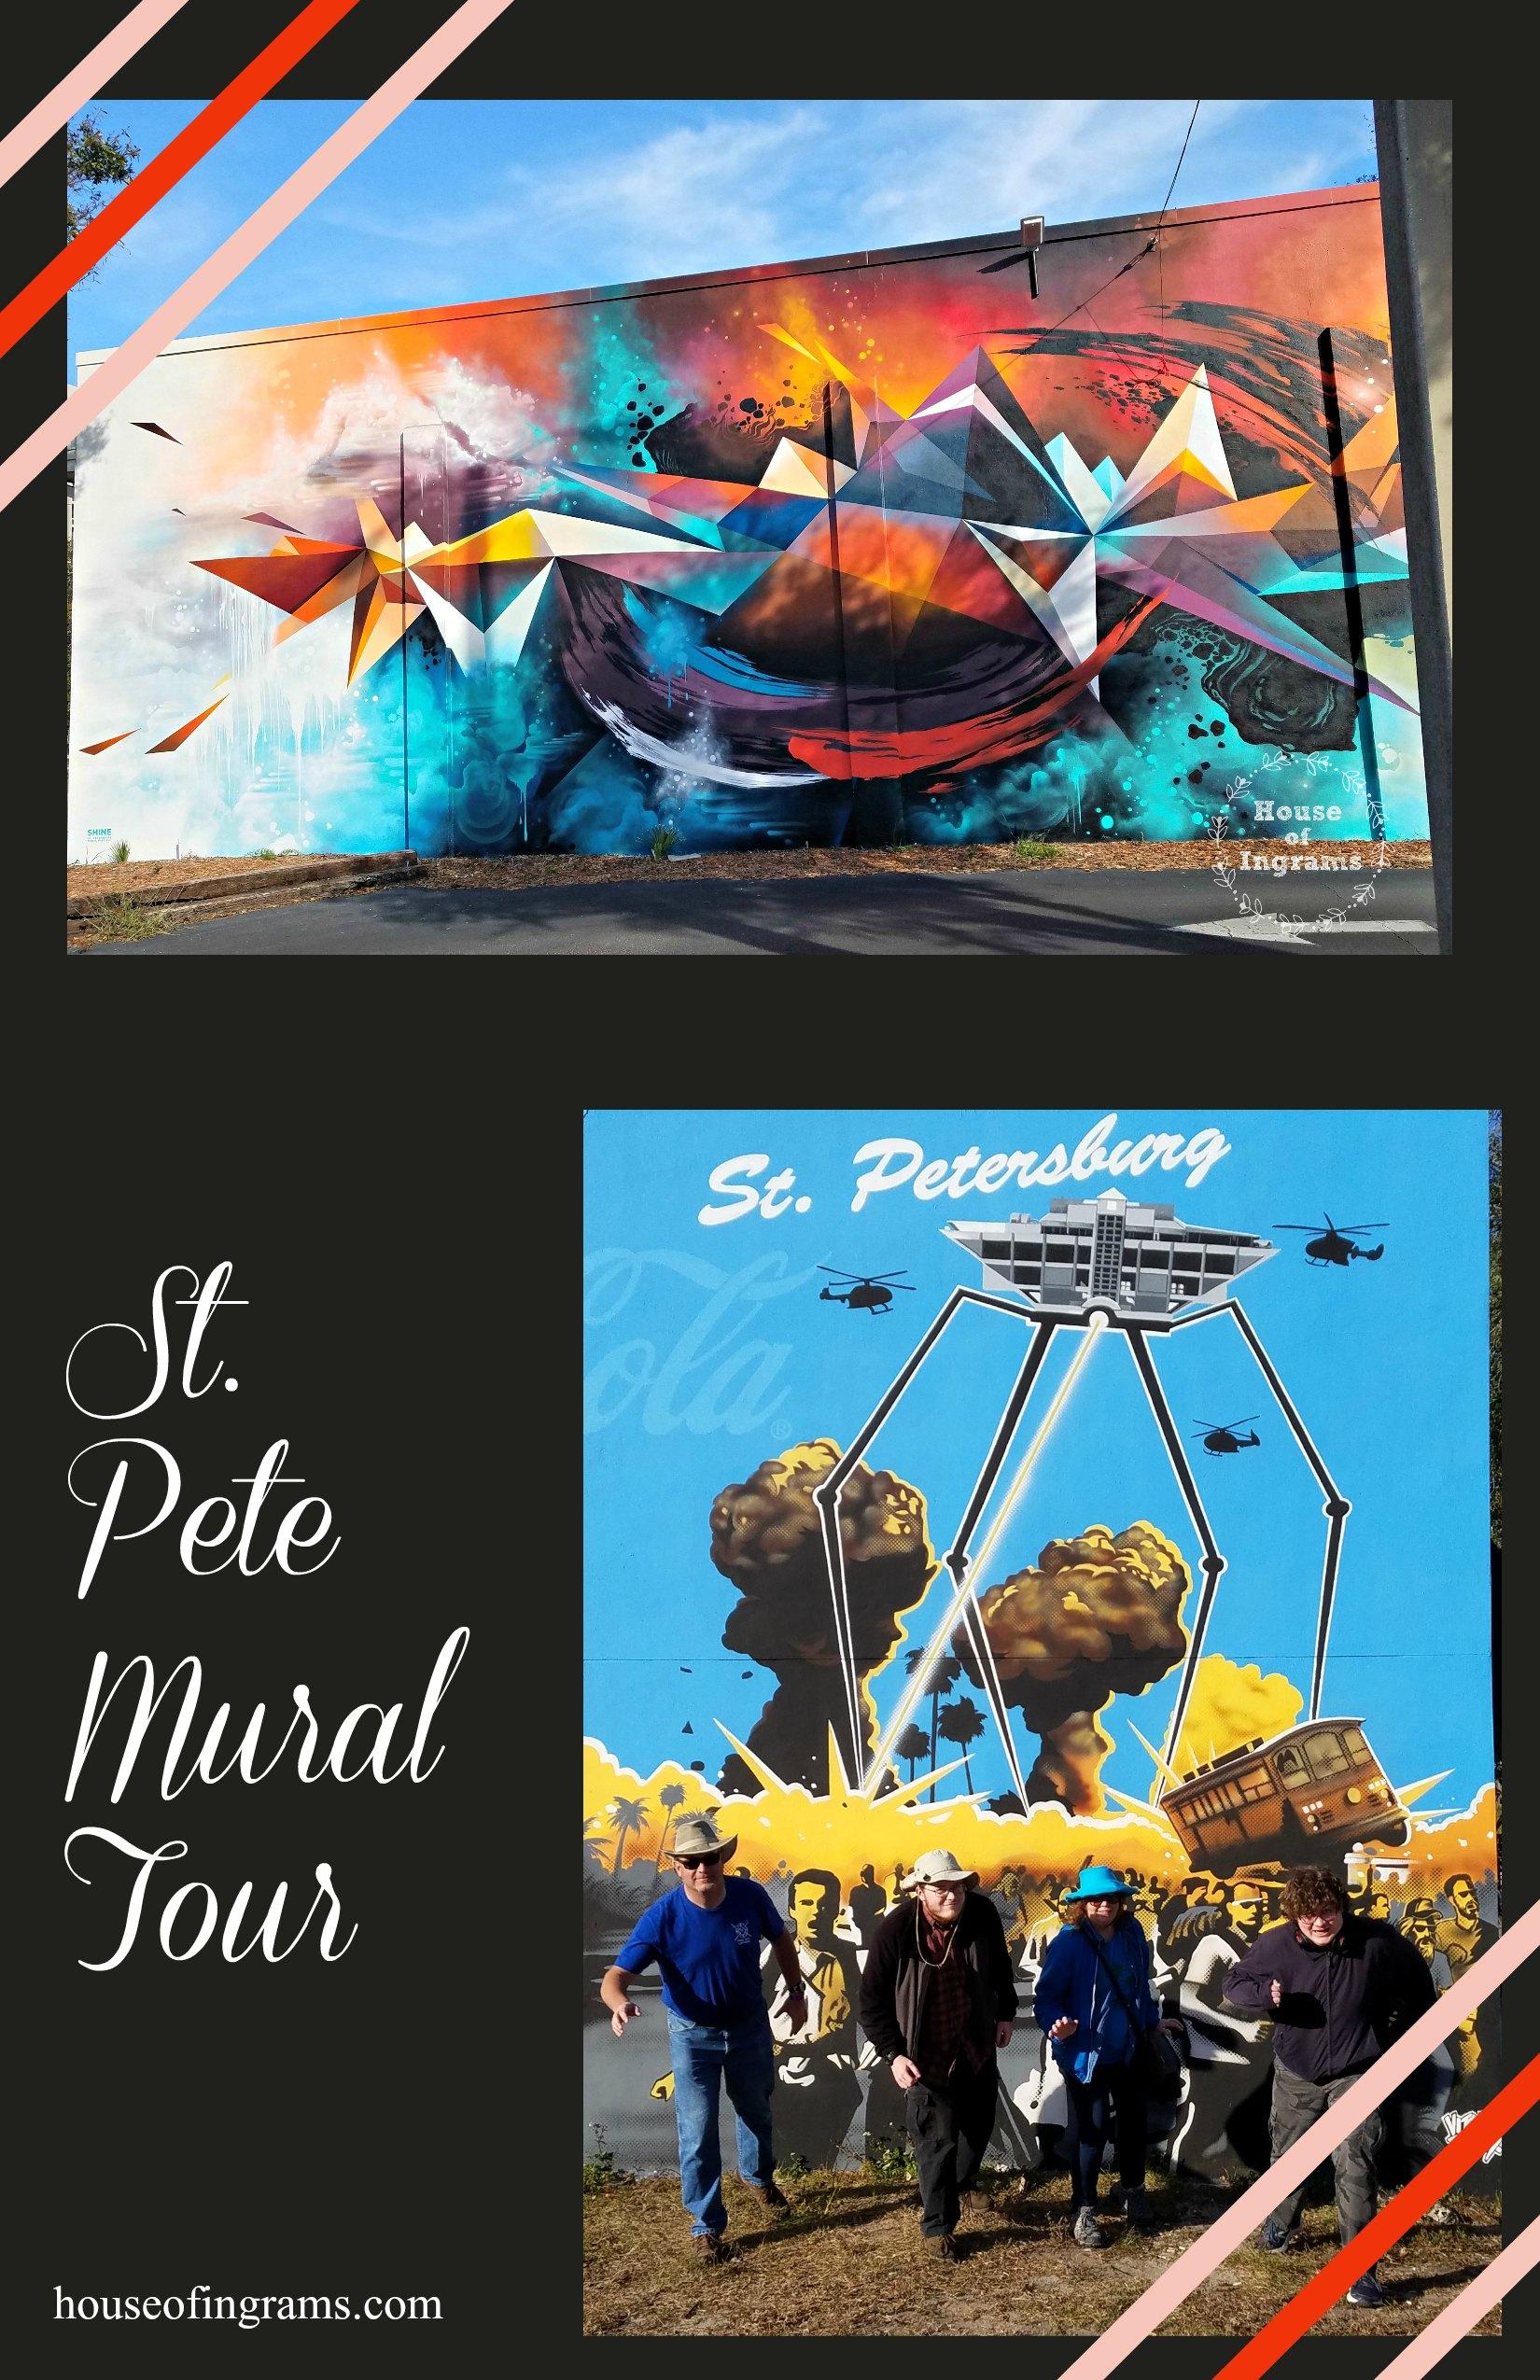 St. Petersburg Mural Tour